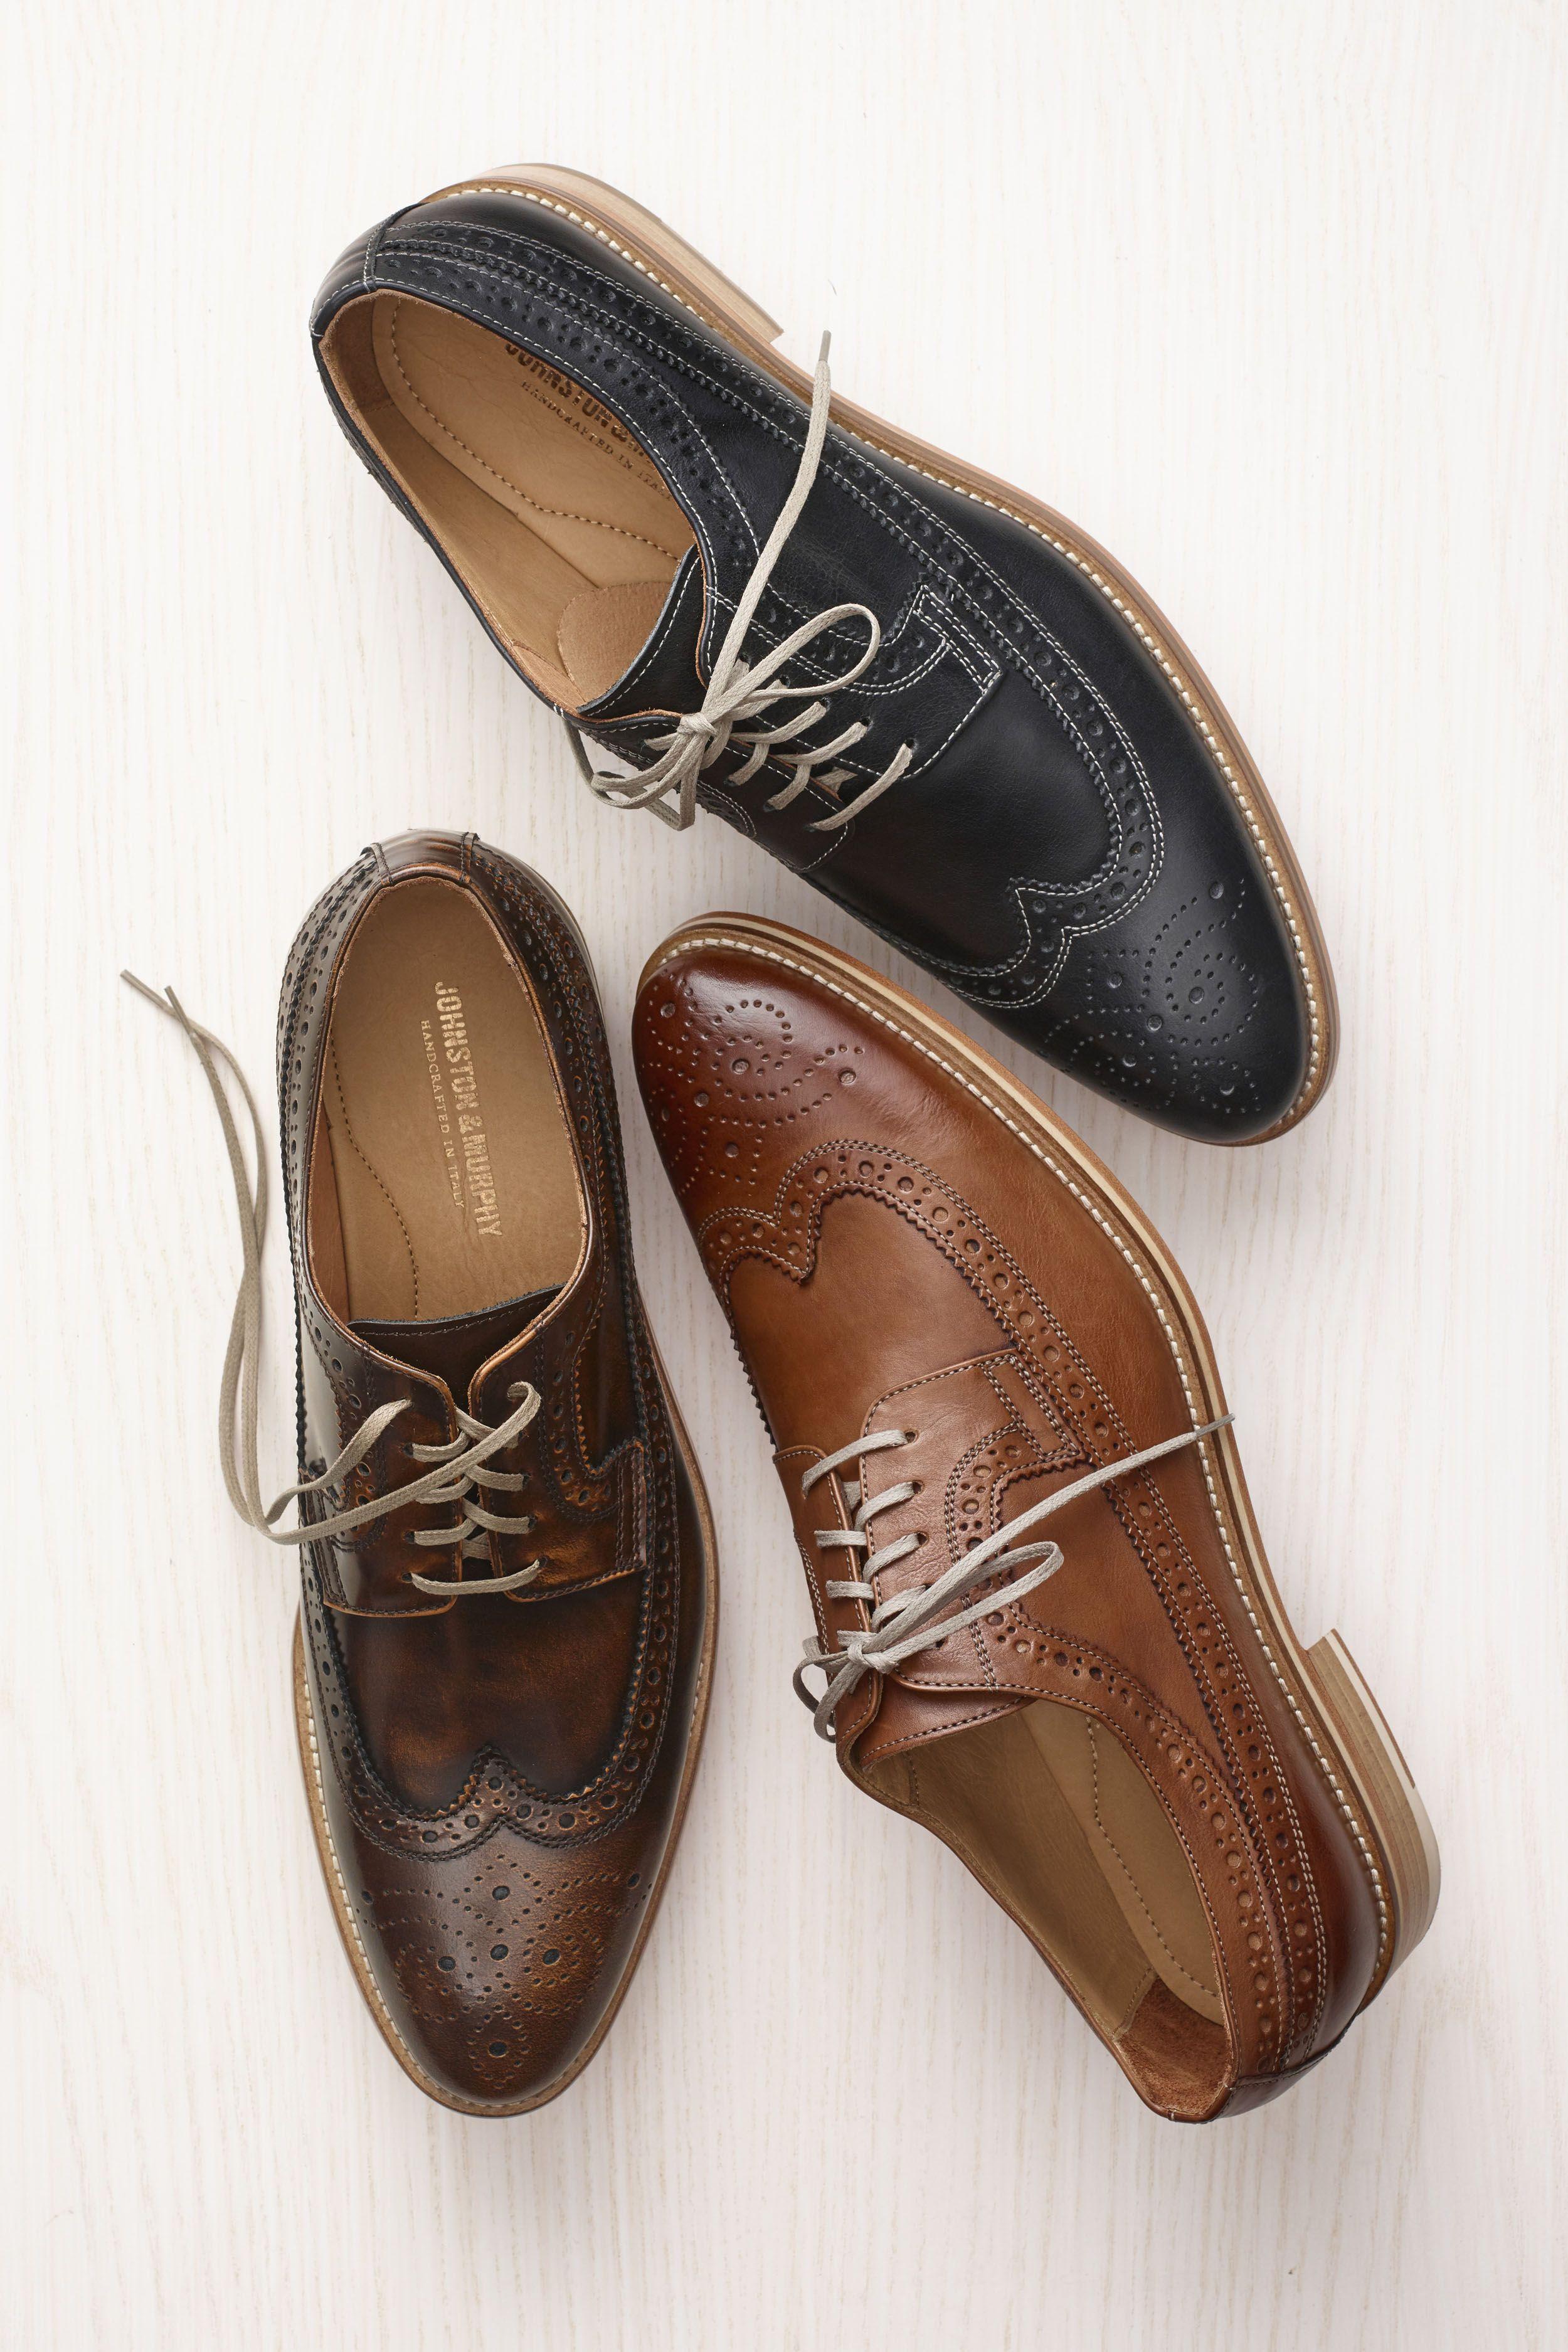 florsheim shoes uncomfortableness define ethics